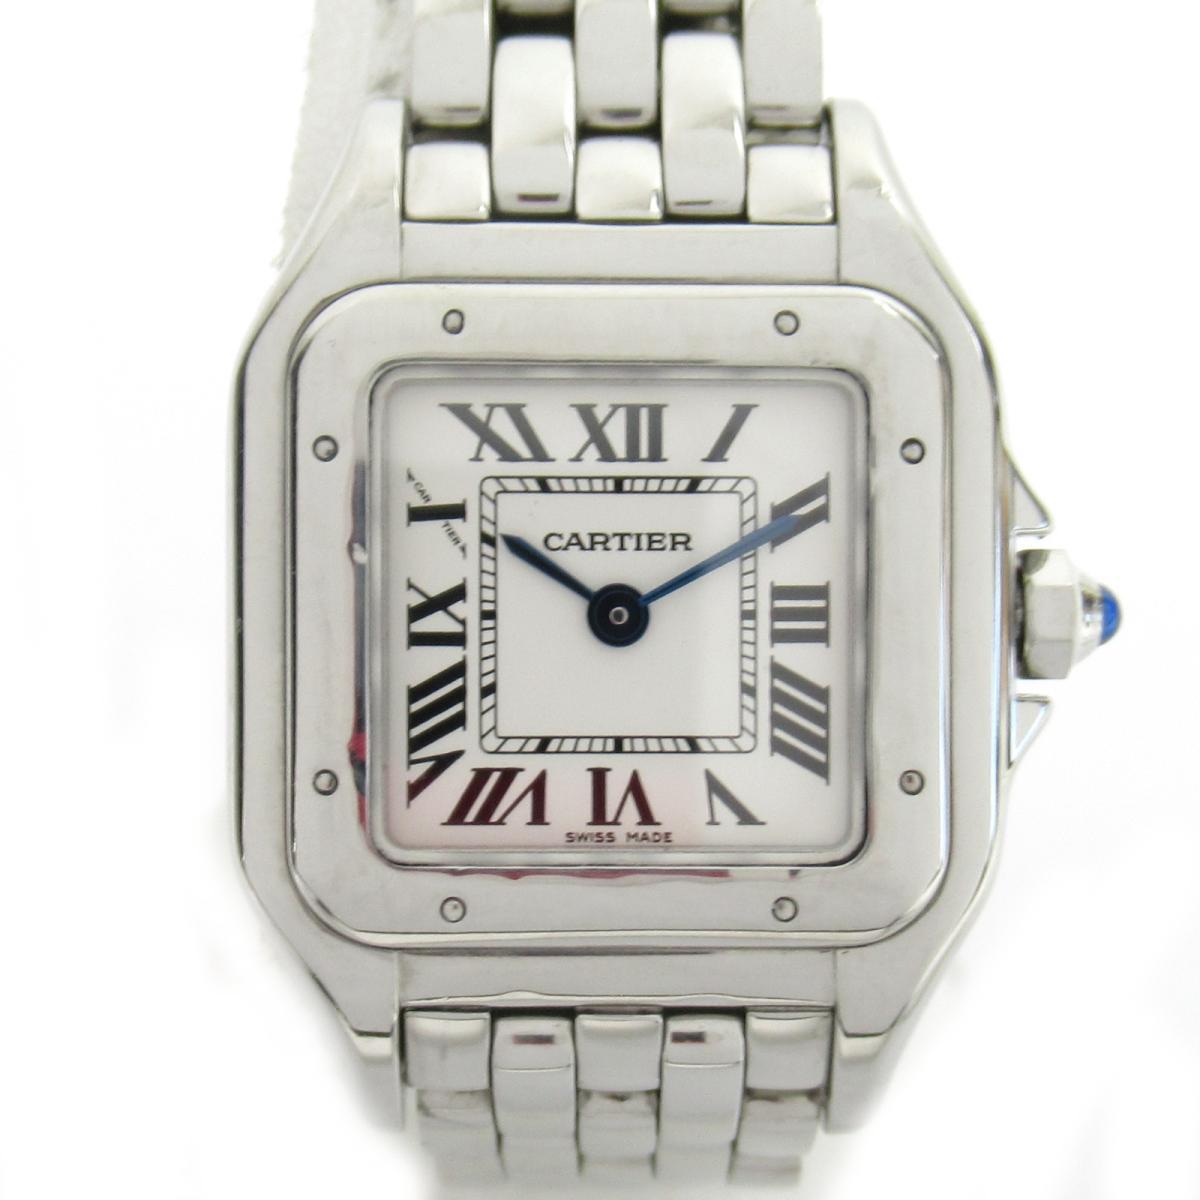 【中古】 カルティエ パンテールSM ウォッチ 腕時計 レディース ステンレススチール (SS) (WSPN006) | Cartier BRANDOFF ブランドオフ ブランド ブランド時計 ブランド腕時計 時計